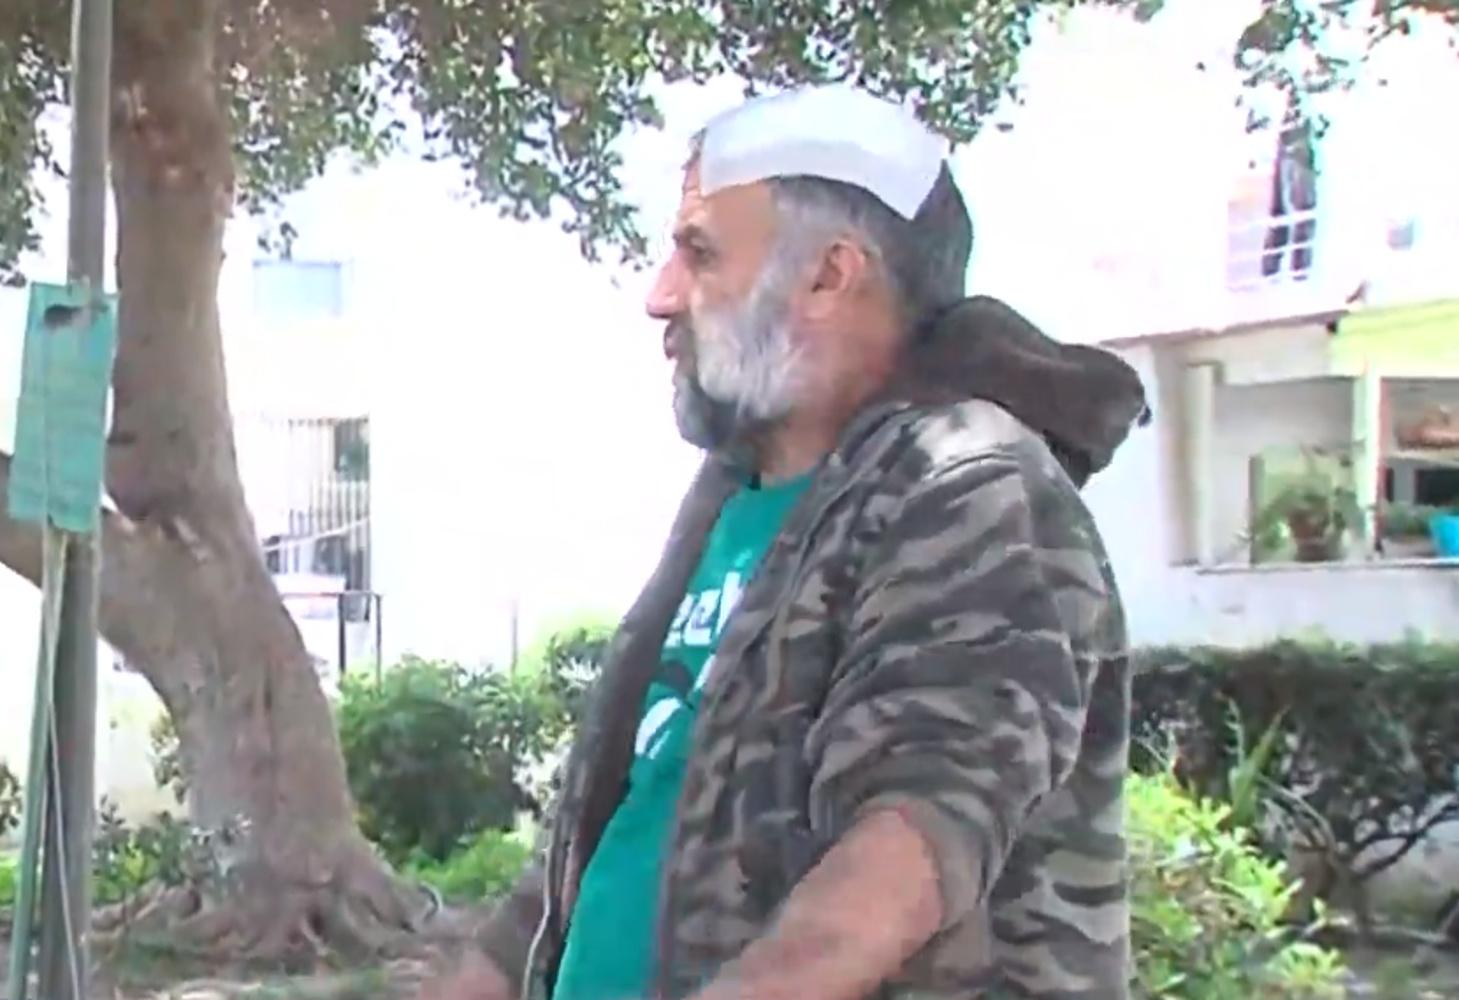 Κρήτη: Μυστηριώδεις επιθέσεις σε δύο αδέλφια – Ξύλο από κουκουλοφόρους σε χωράφι